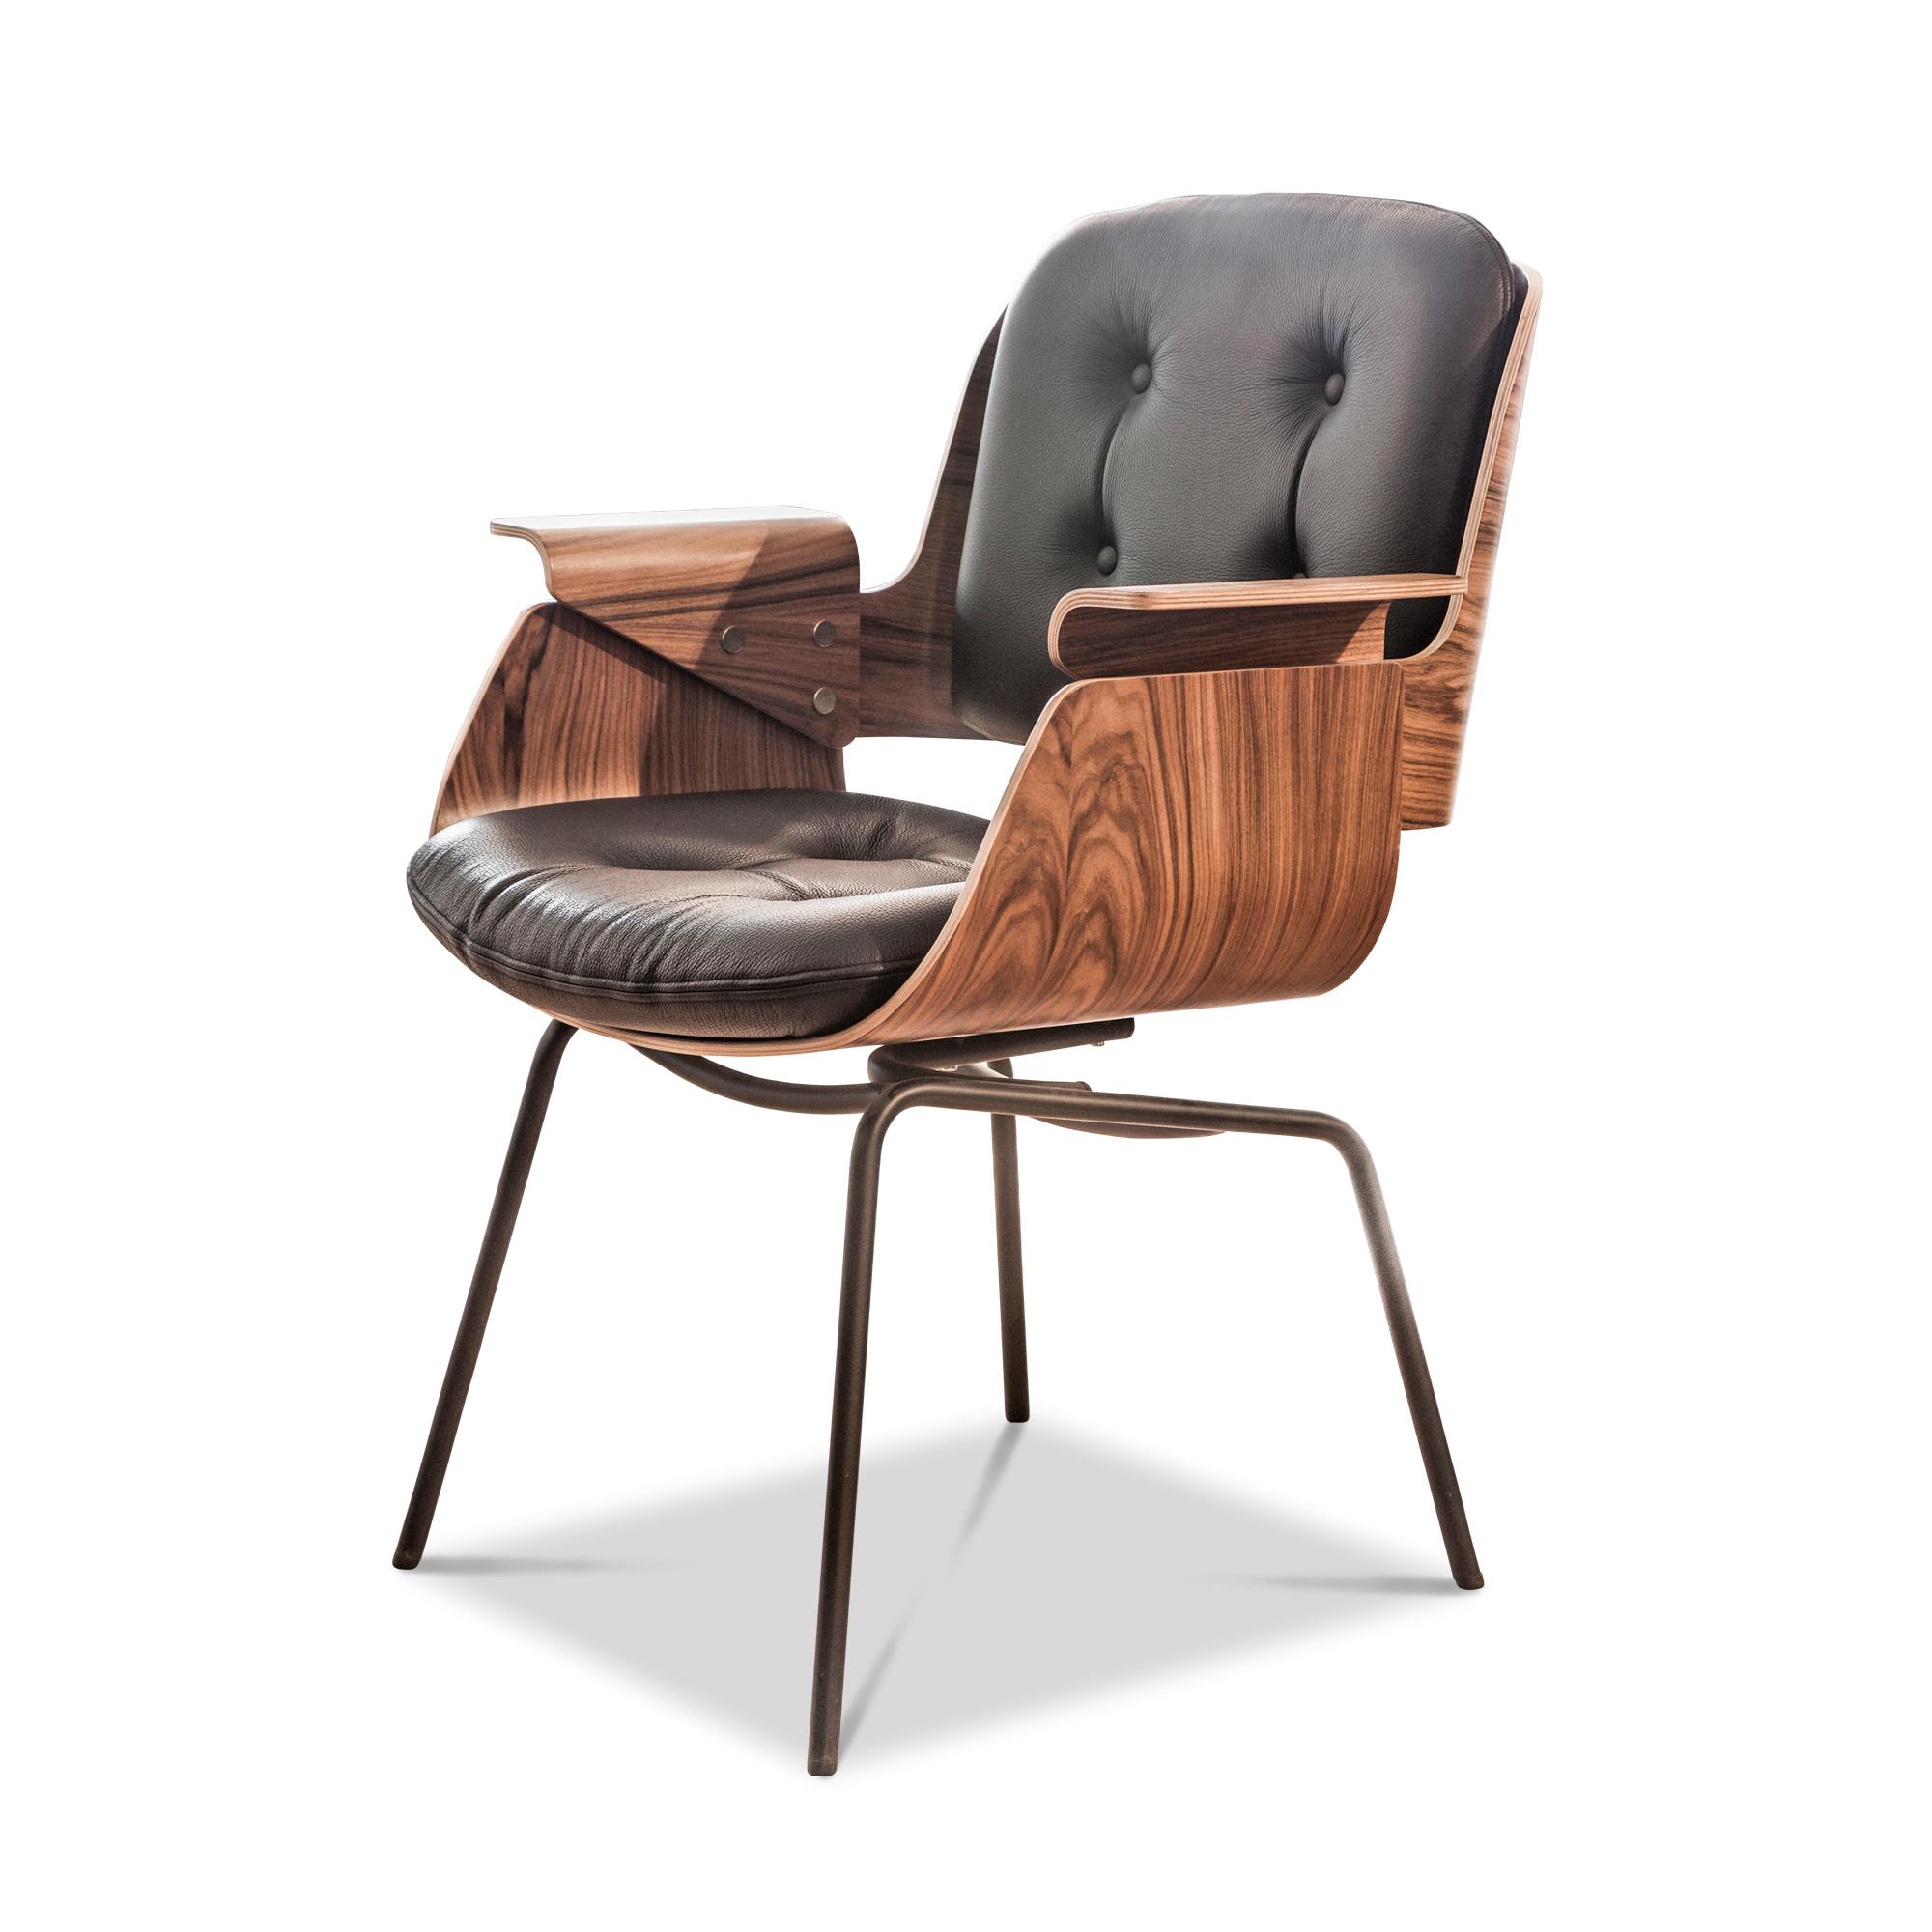 d48 s leder schwarz palisander tecta st hle g nstig kaufen m belfirst. Black Bedroom Furniture Sets. Home Design Ideas